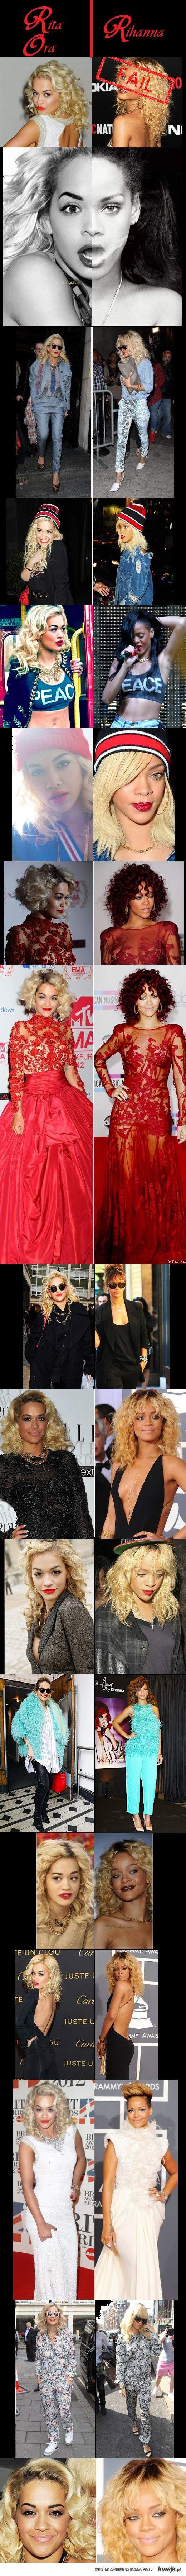 Rita Ora przypadkowo przypomina Rihannę.